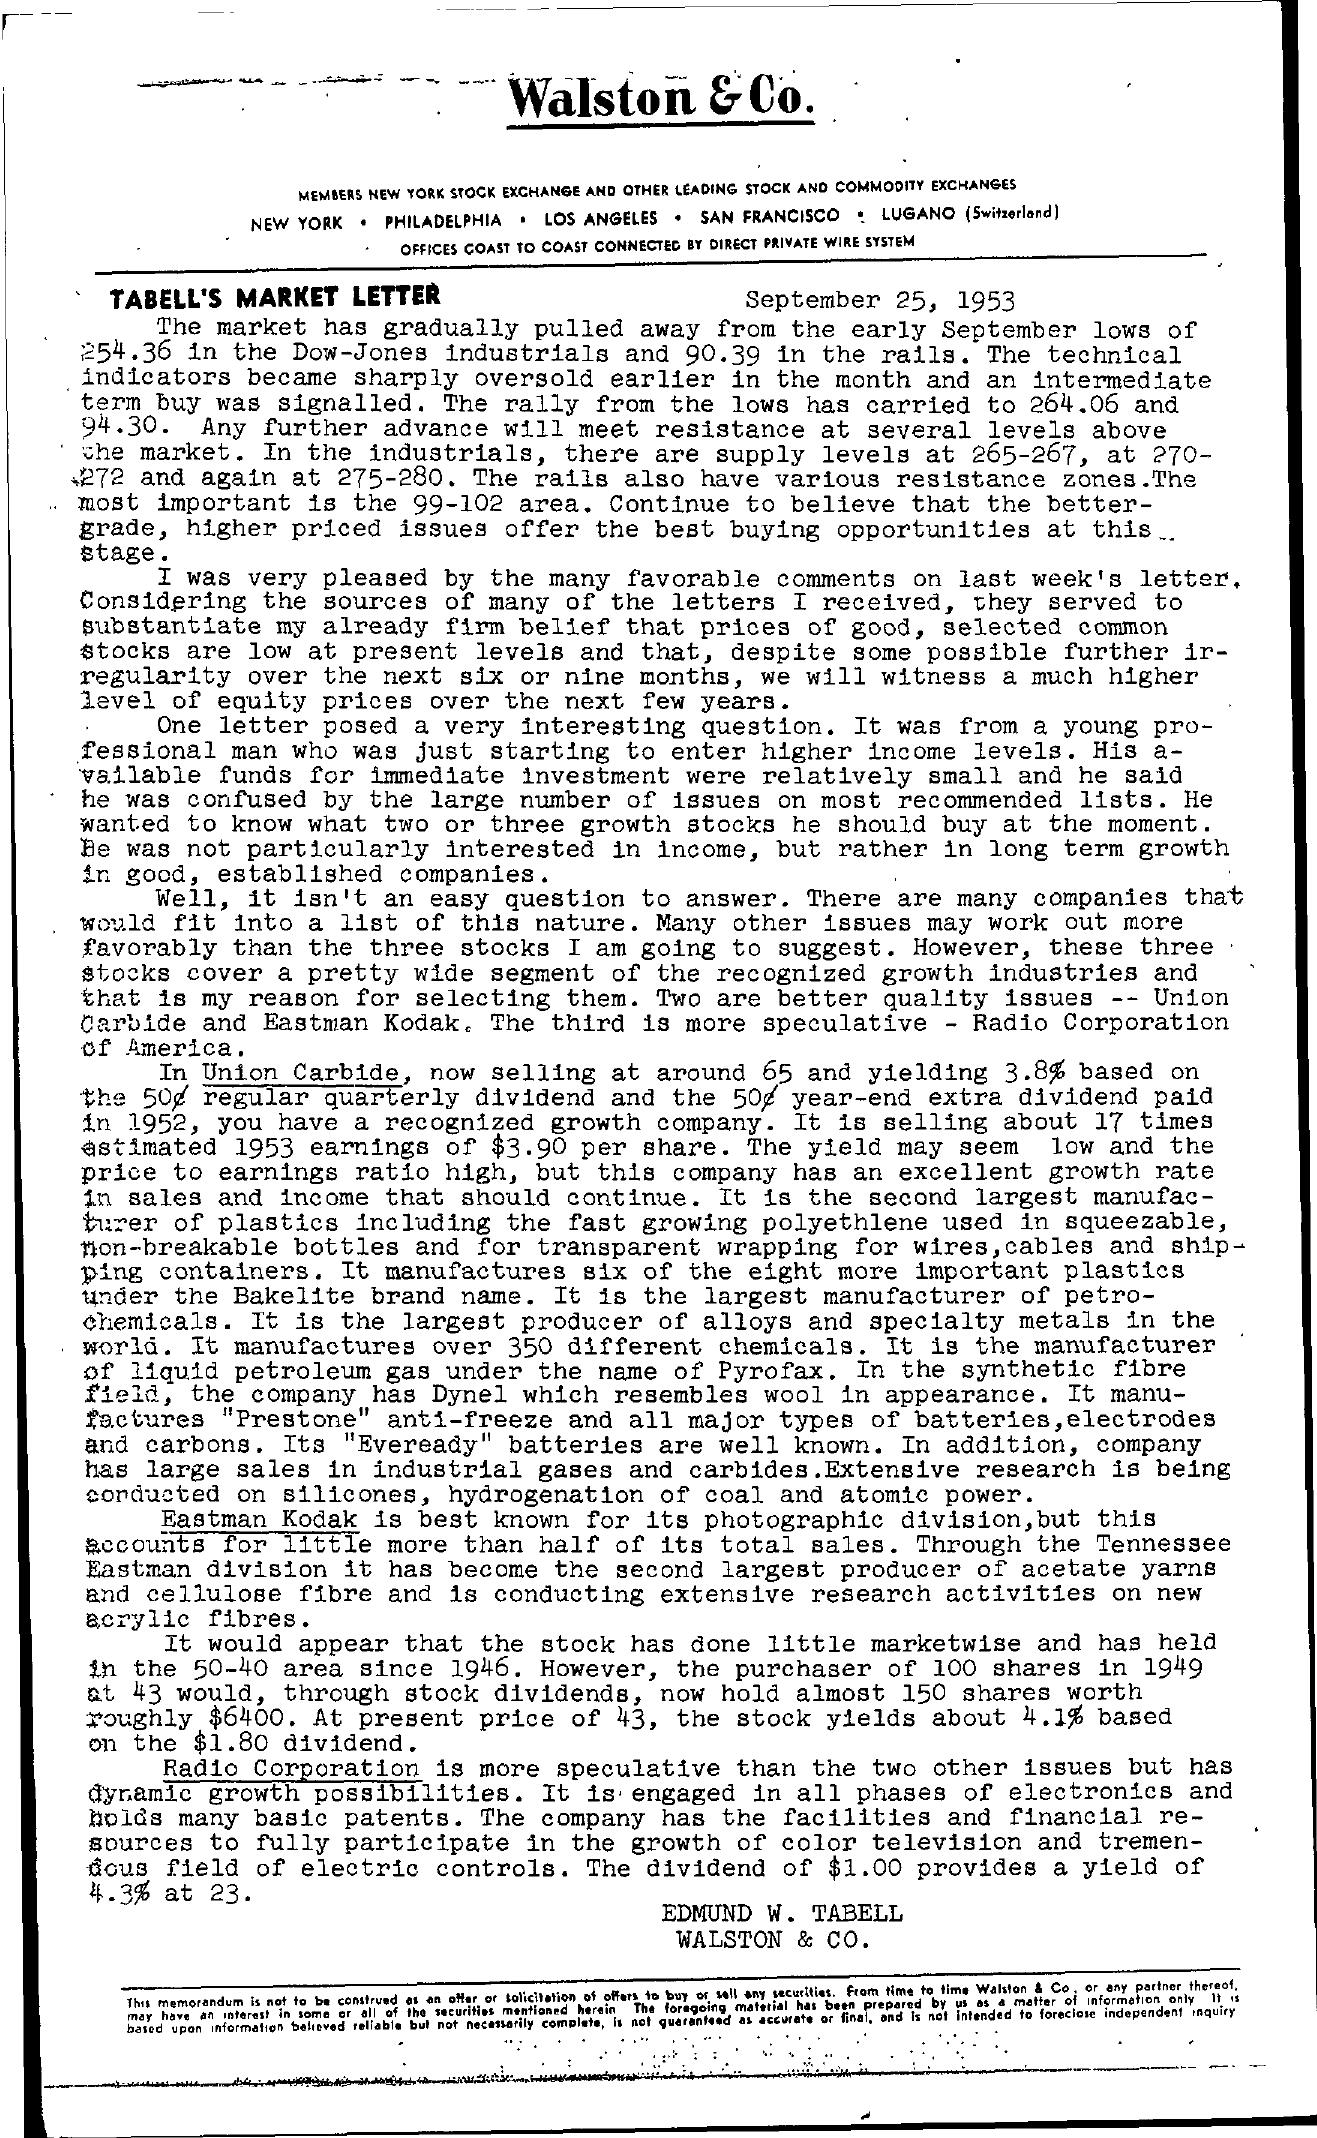 Tabell's Market Letter - September 25, 1953